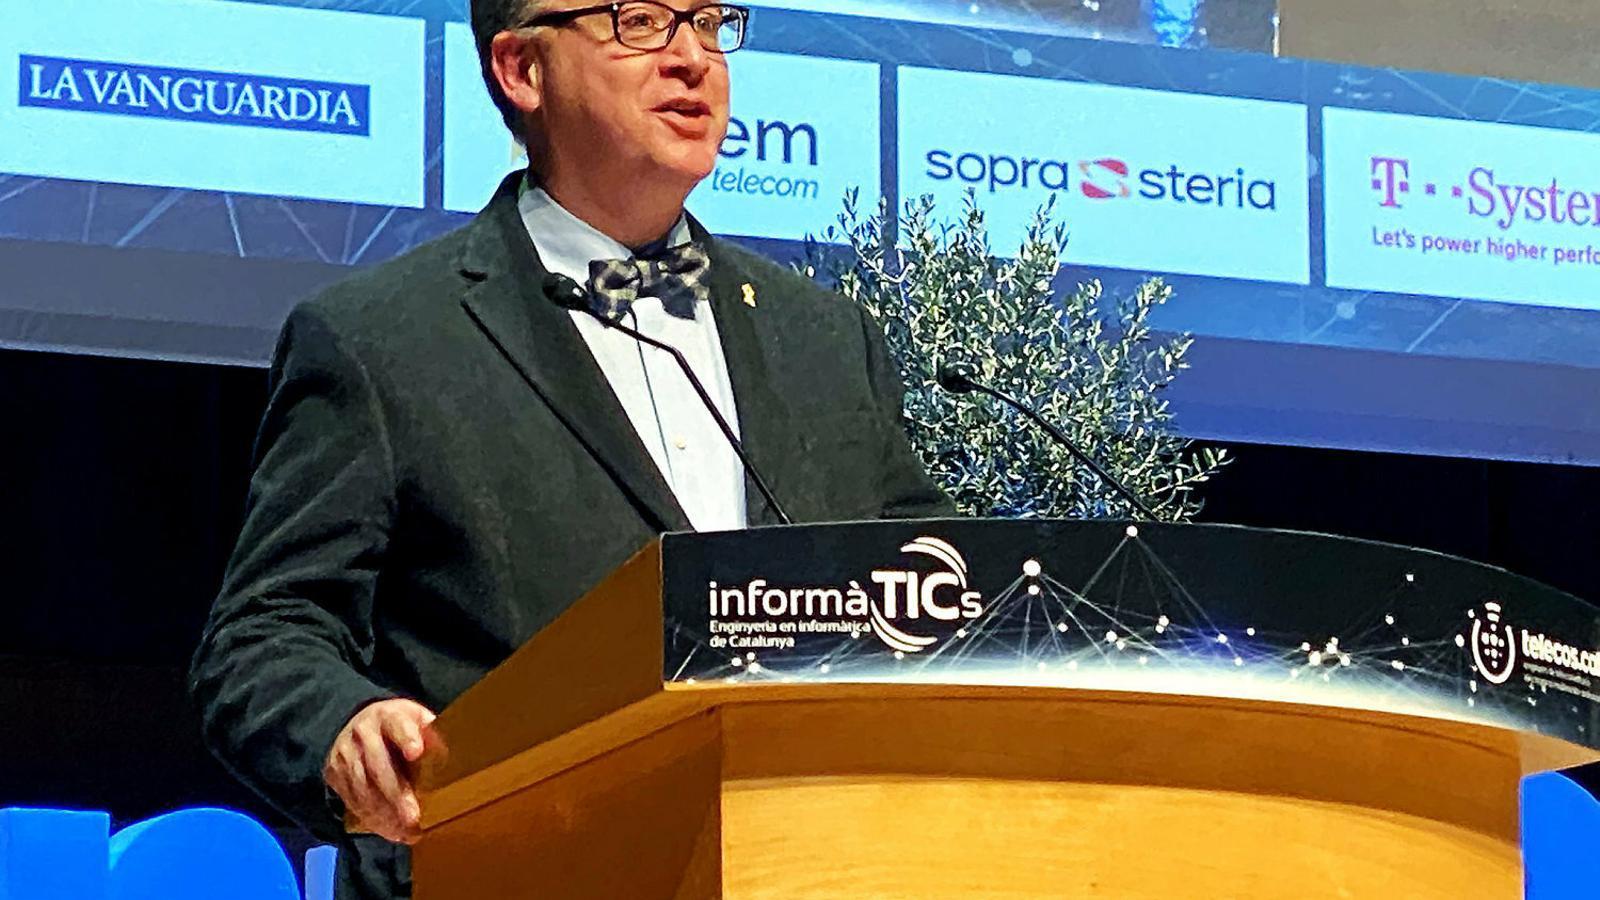 La Nit de les Telecomunicacions premia l'ARA pels articles tecnològics